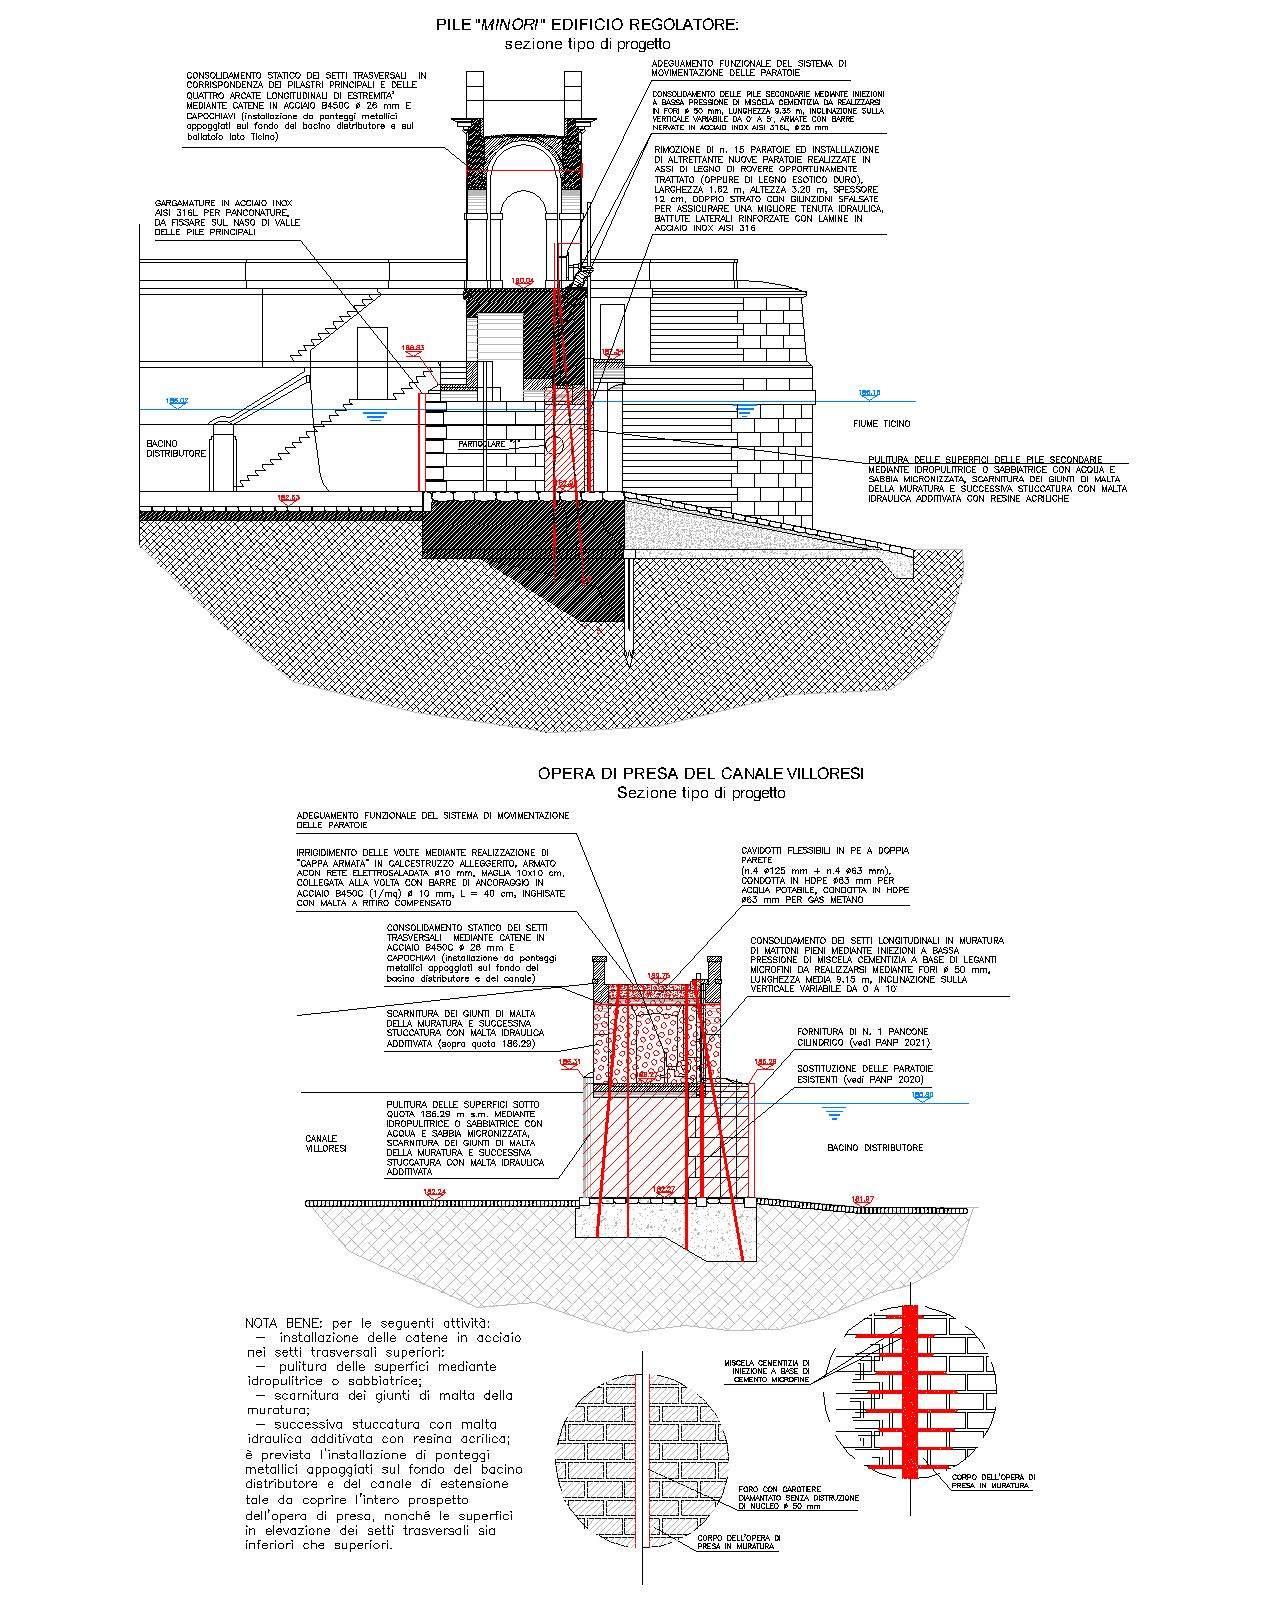 04 - Consolidamento edificio regolatore Canale Villoresi